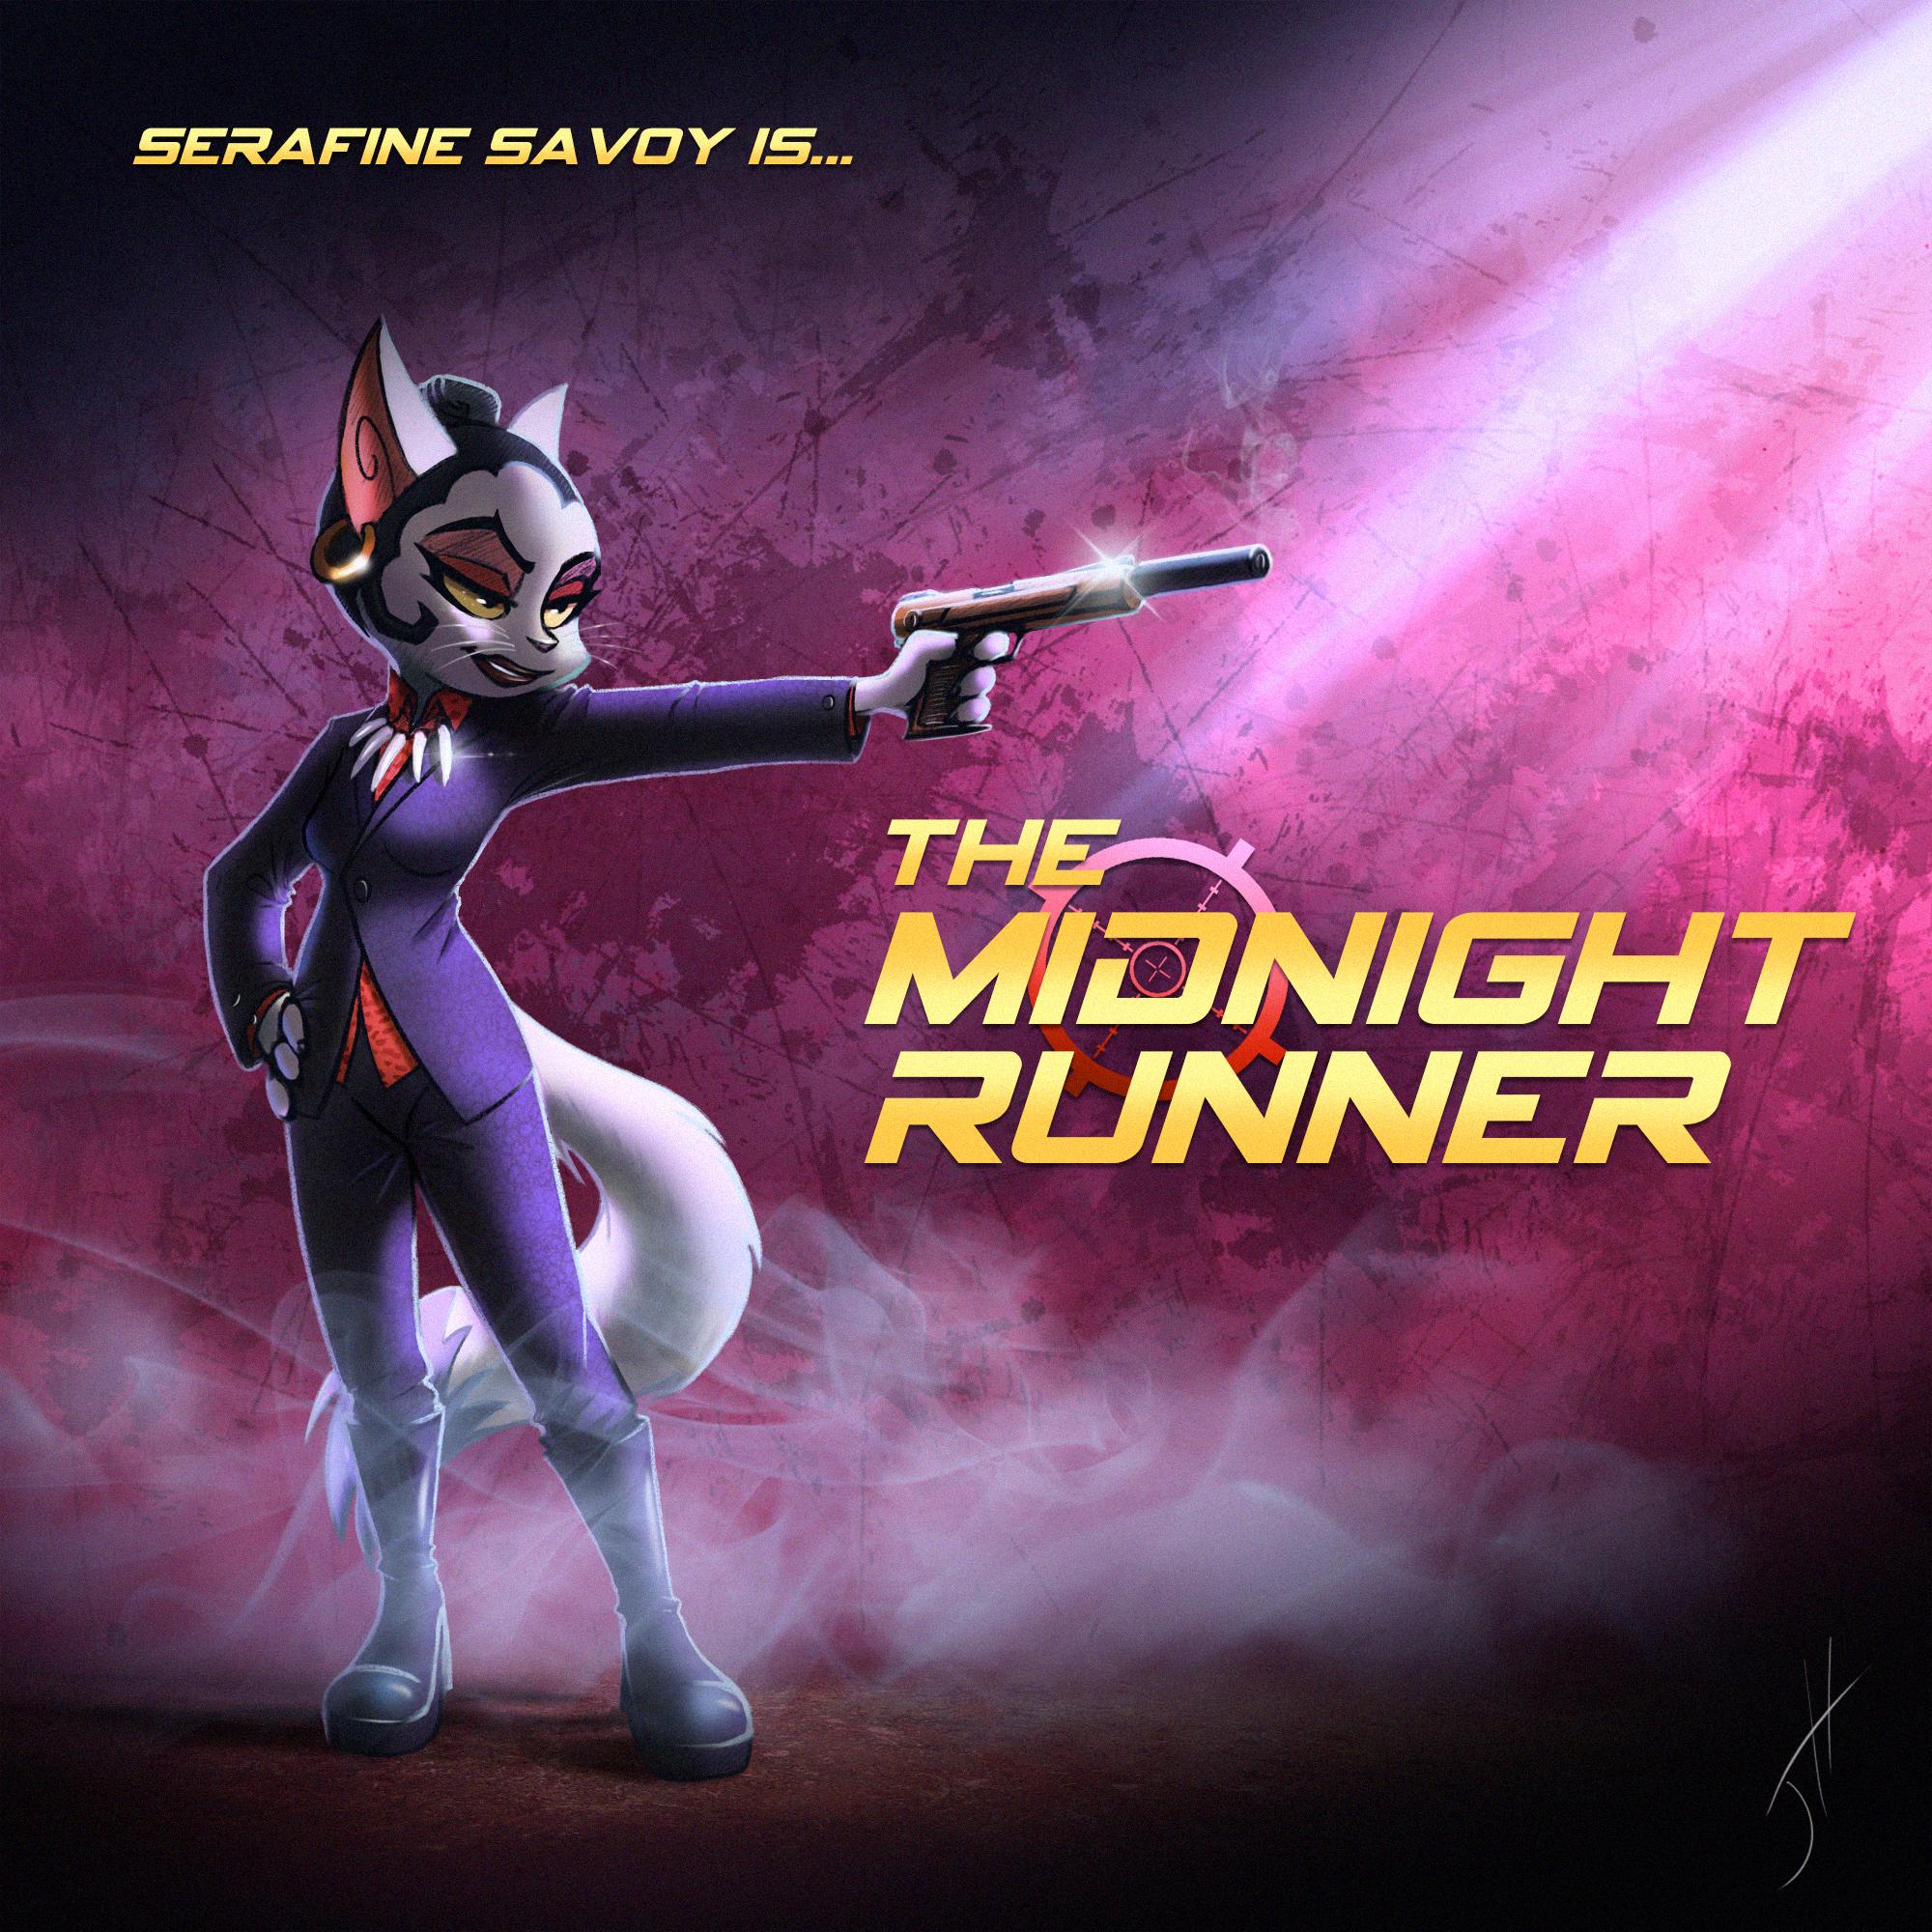 The Midnight Runner